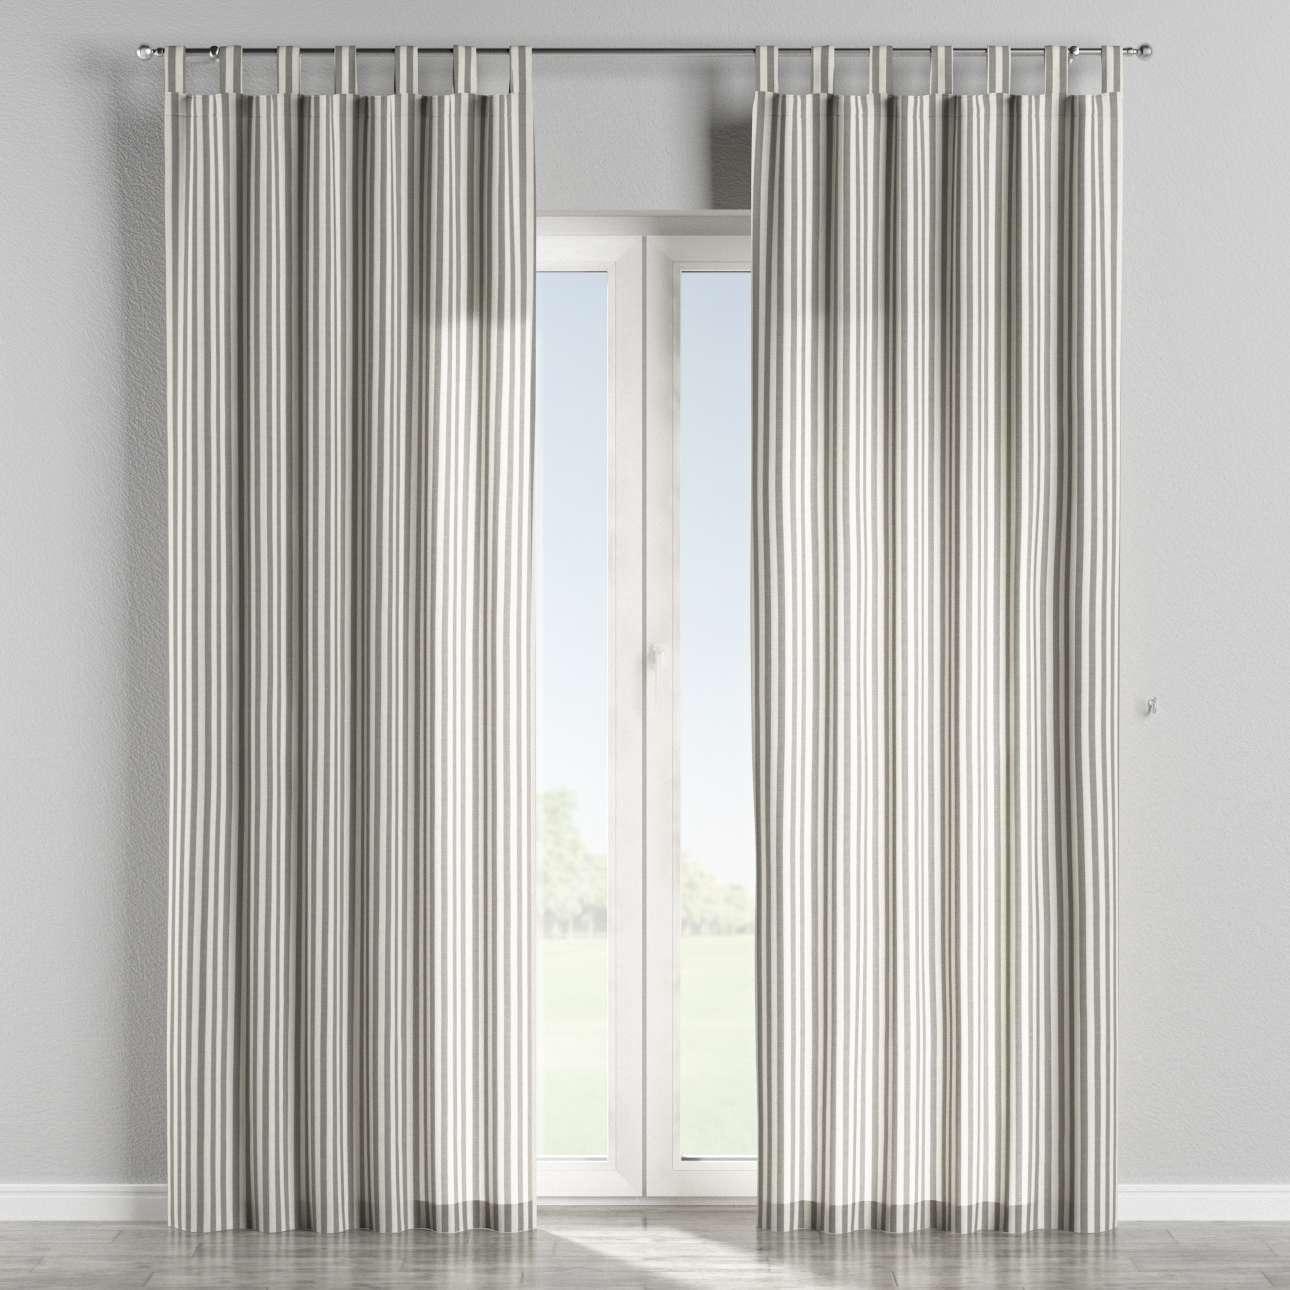 Zasłona na szelkach 1 szt. 1szt 130x260 cm w kolekcji Quadro, tkanina: 136-12